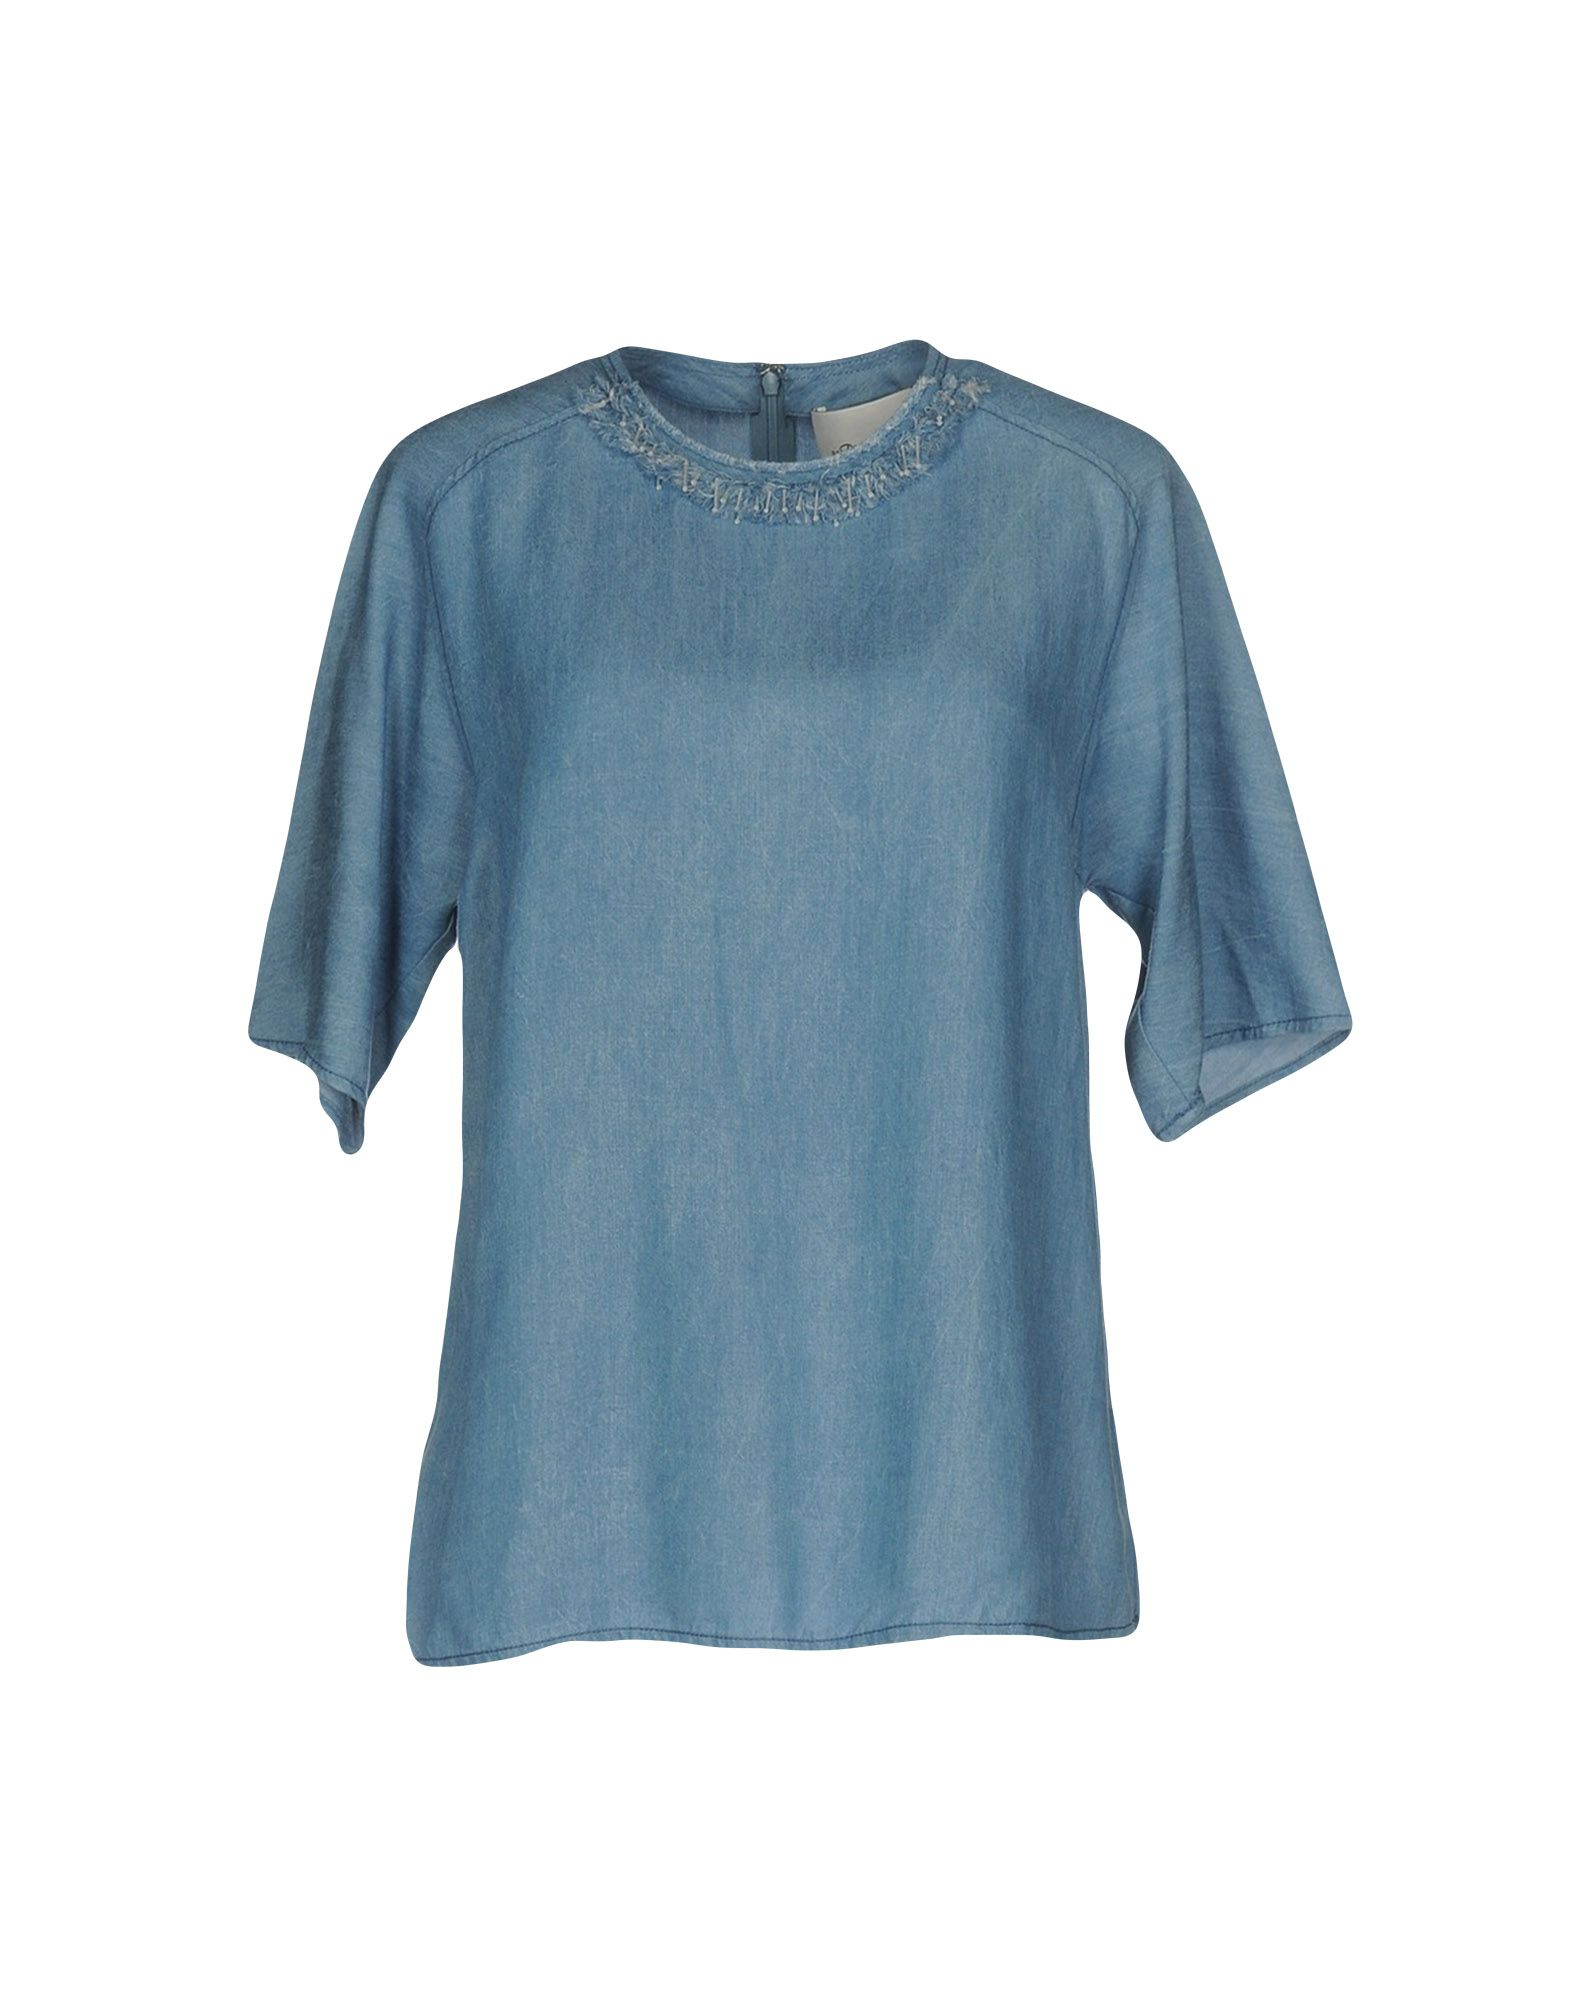 где купить  3.1 PHILLIP LIM Джинсовая рубашка  по лучшей цене